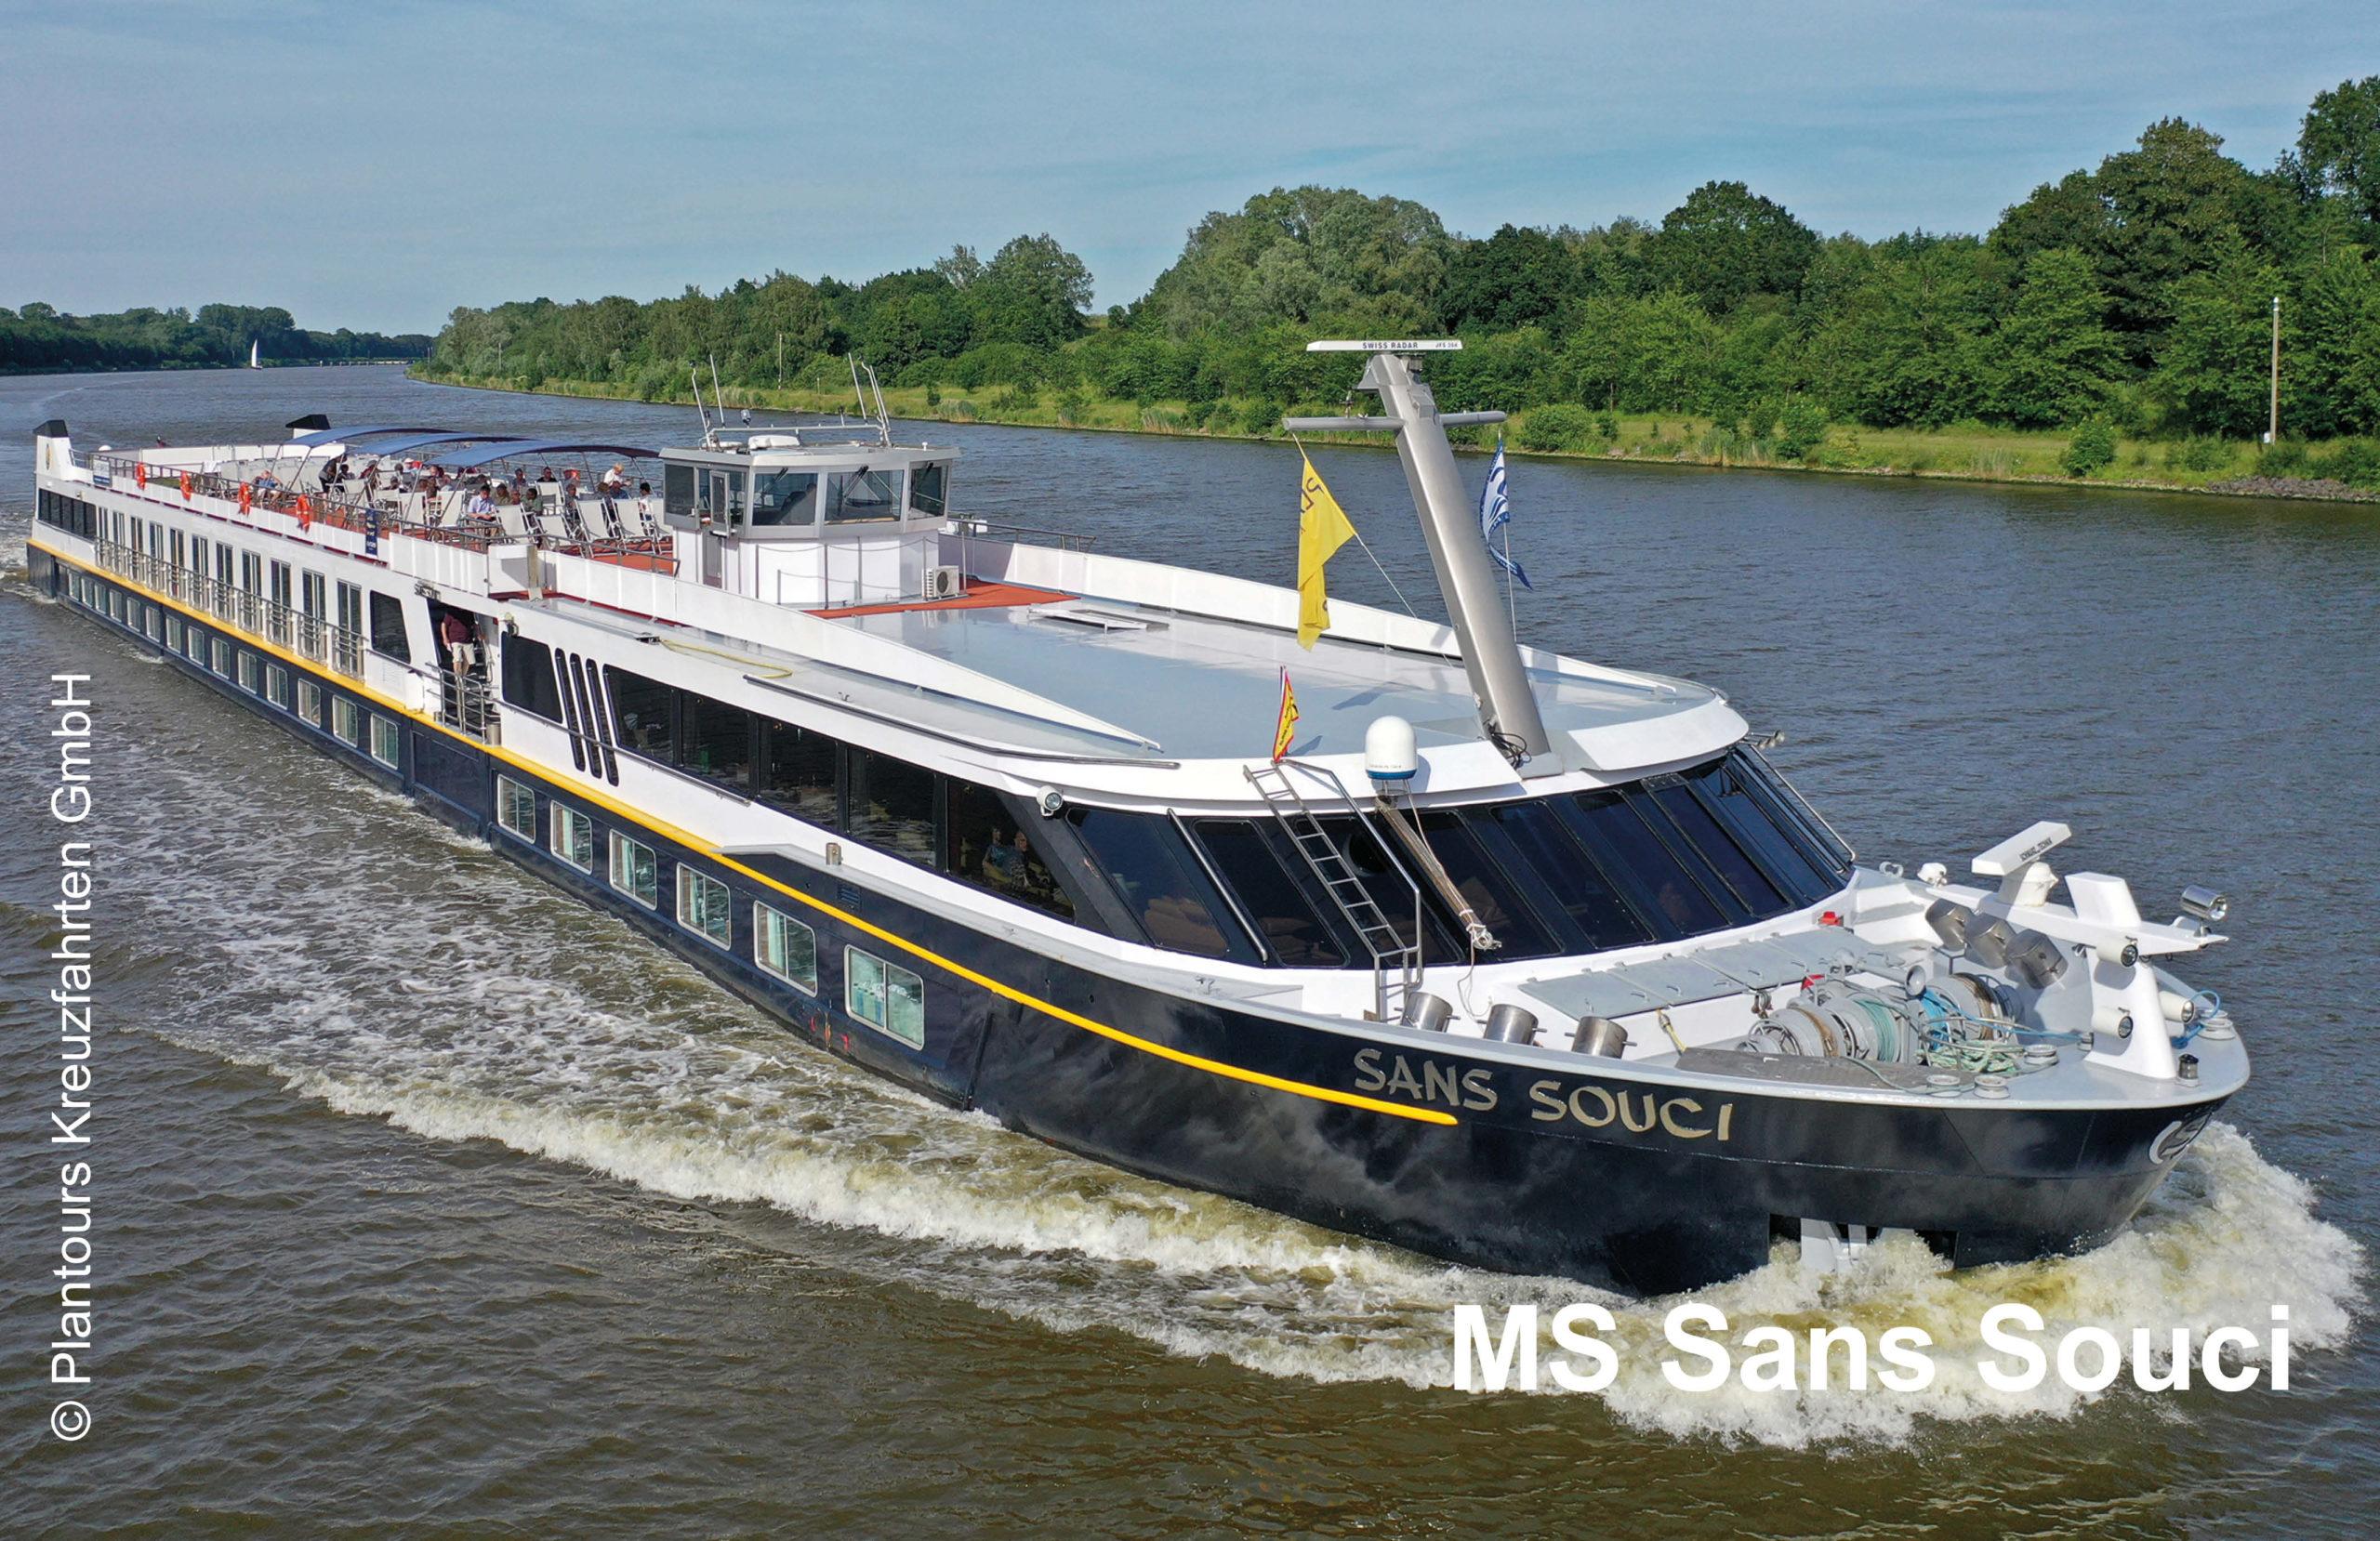 Plantours Flusskreuzfahrten MS Sans Souci